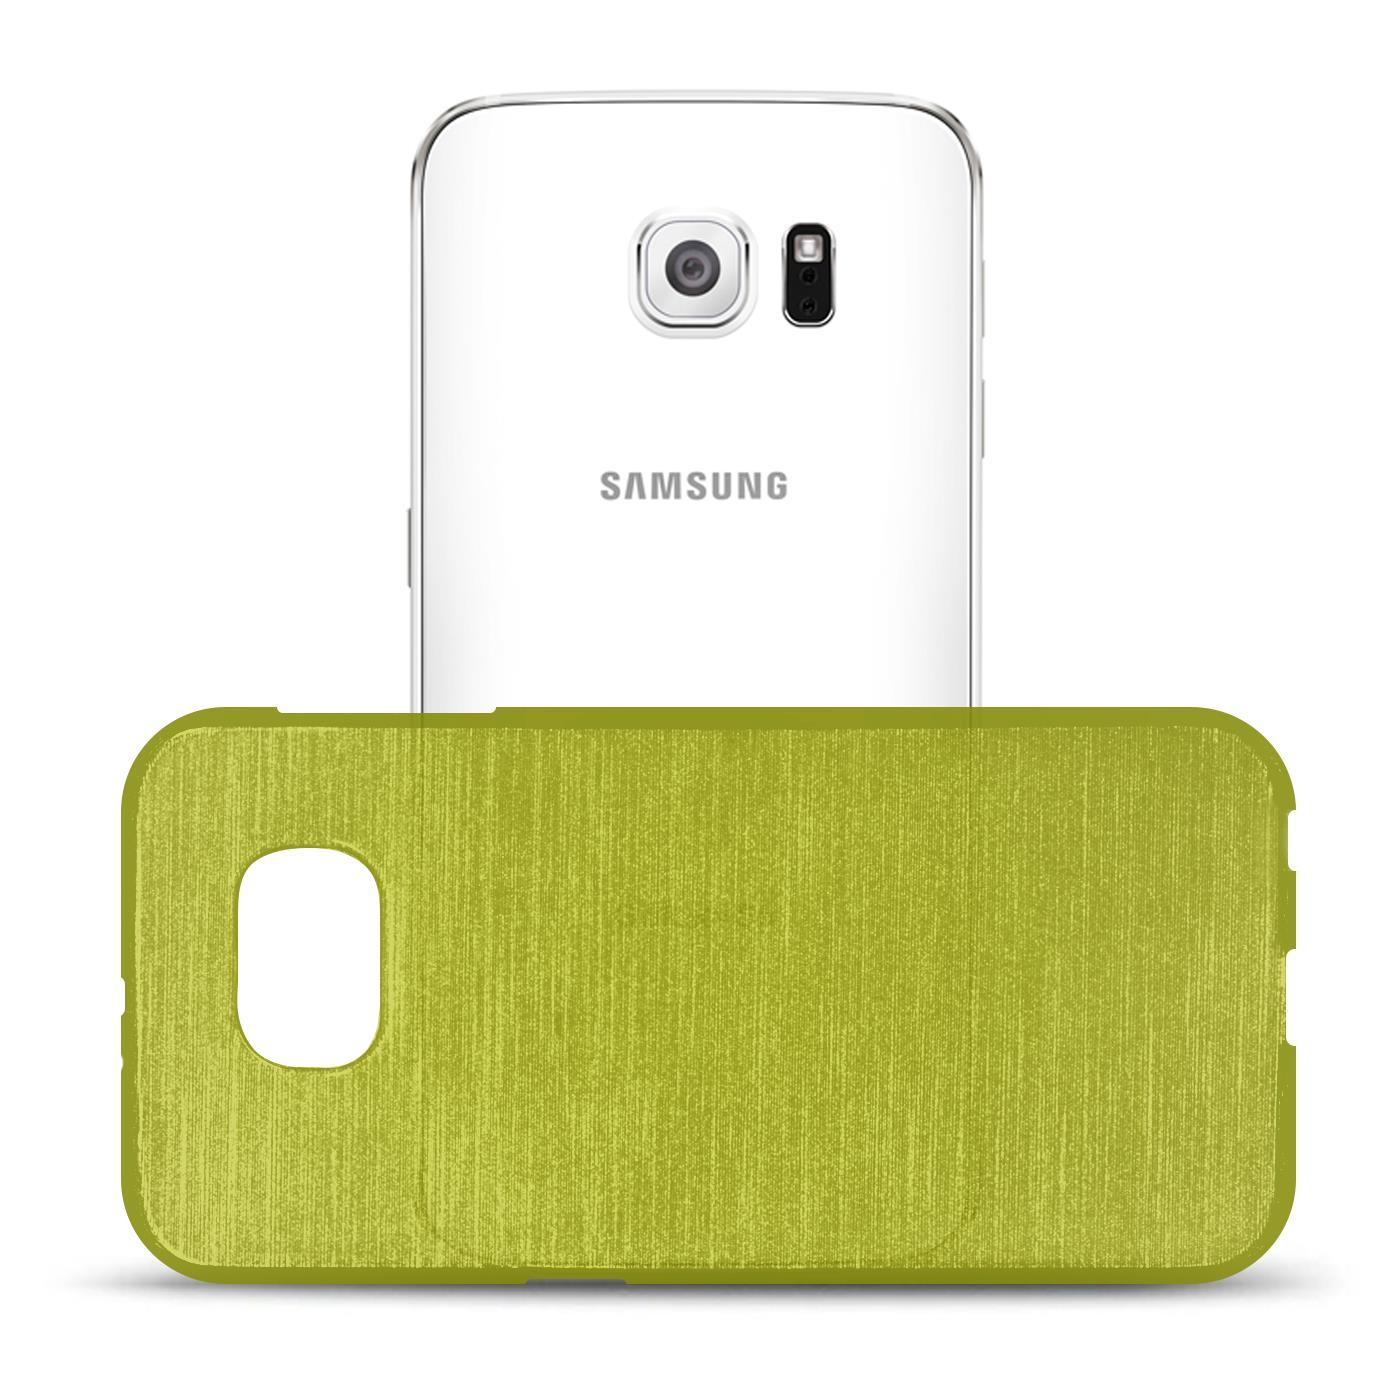 Silikon-Bumper-Case-fuer-Samsung-Galaxy-s6-duenne-ultra-slim-Stossfeste-Rueckschale Indexbild 20